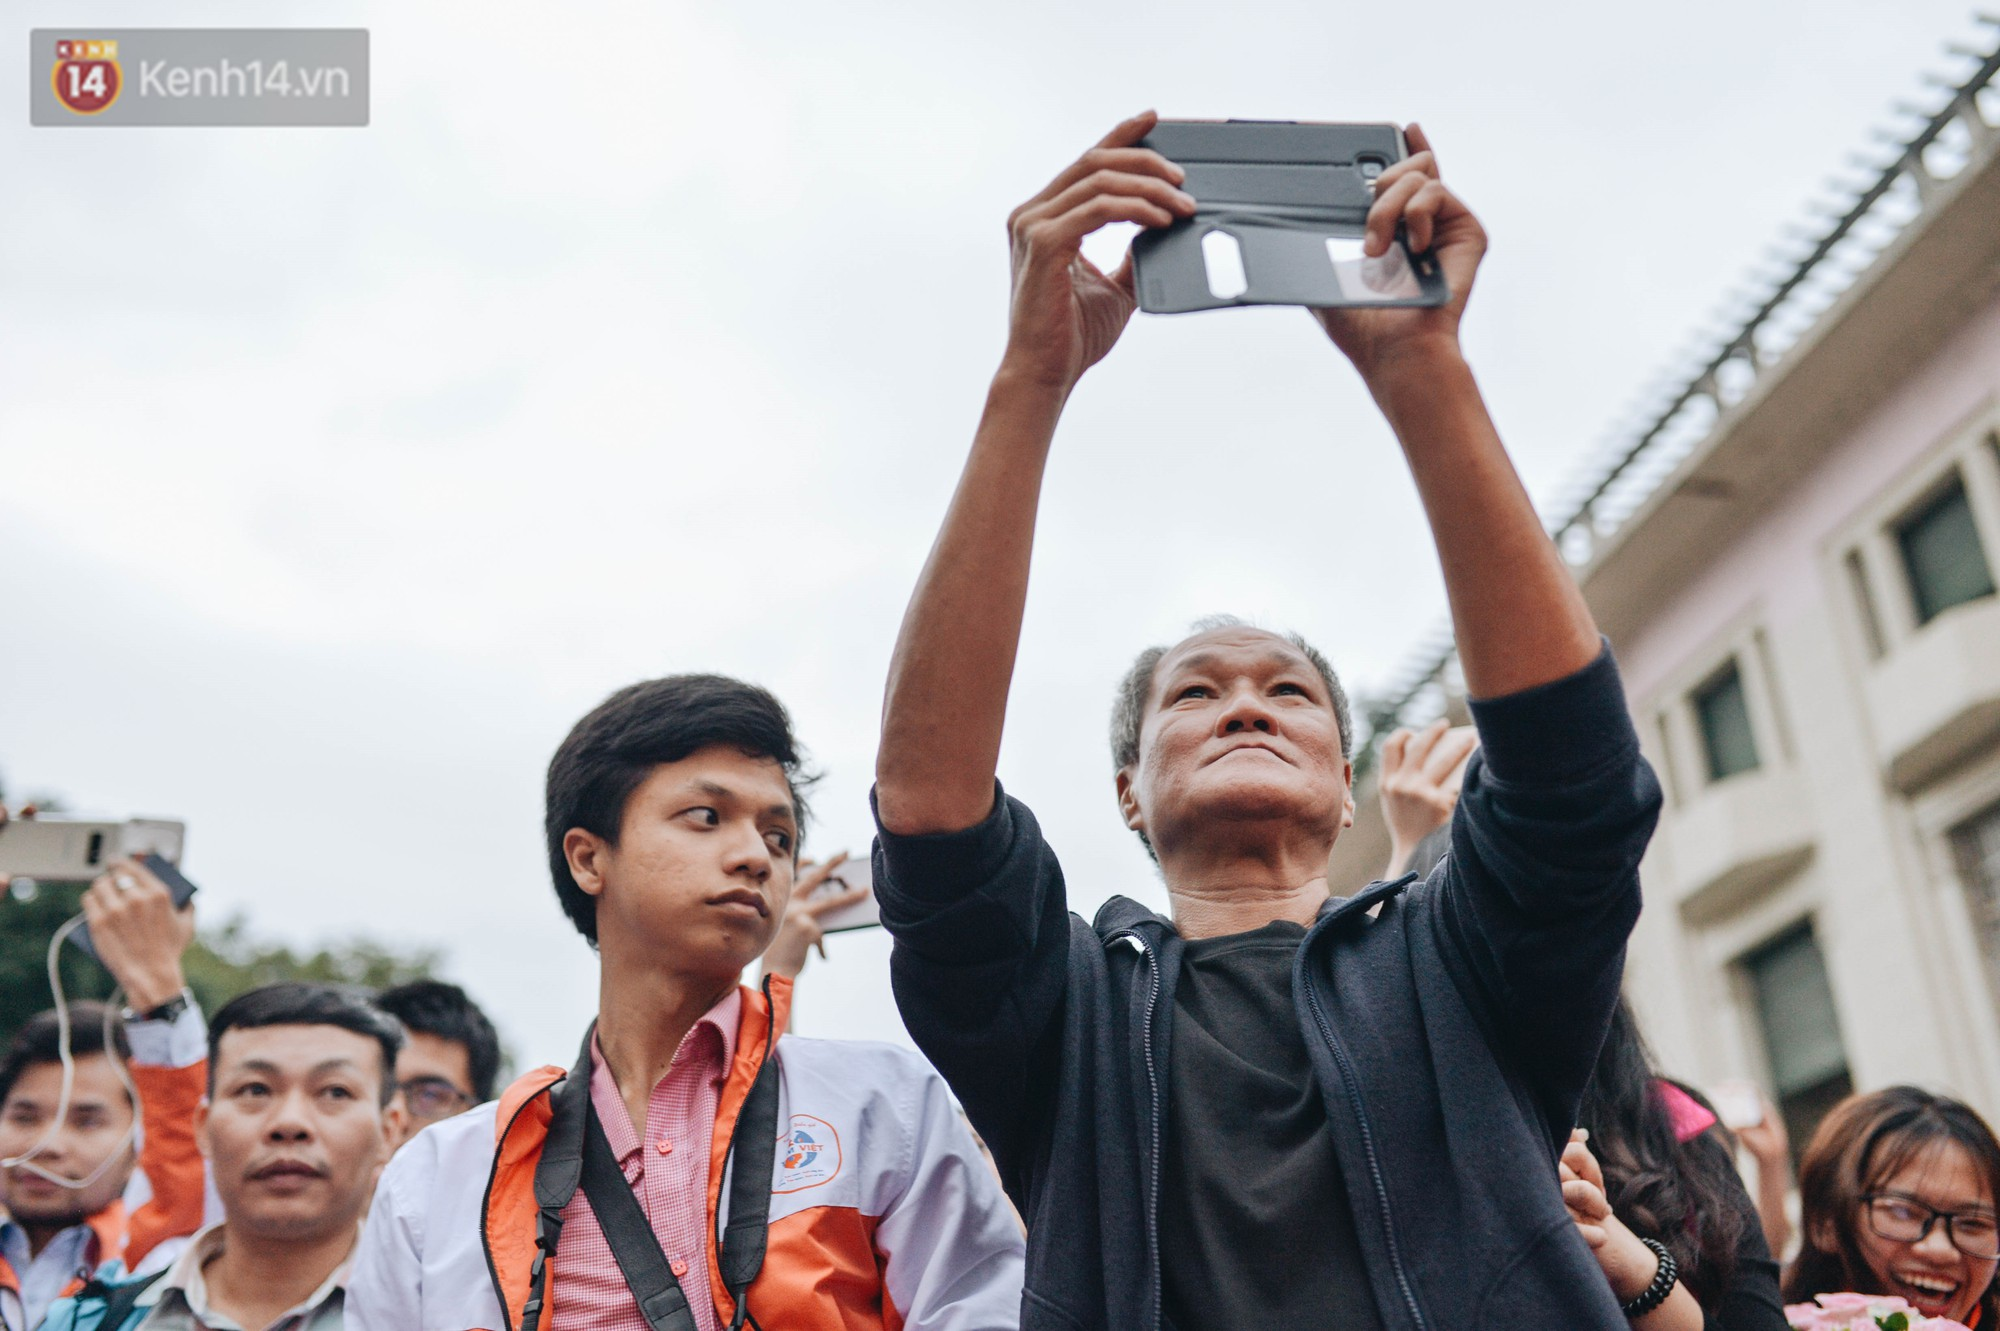 Một người cha Hà Nội viết nên cổ tích cho con trai tự kỷ thoát án chung thân, trở thành kỷ lục gia xiếc nhí Việt Nam - Ảnh 13.